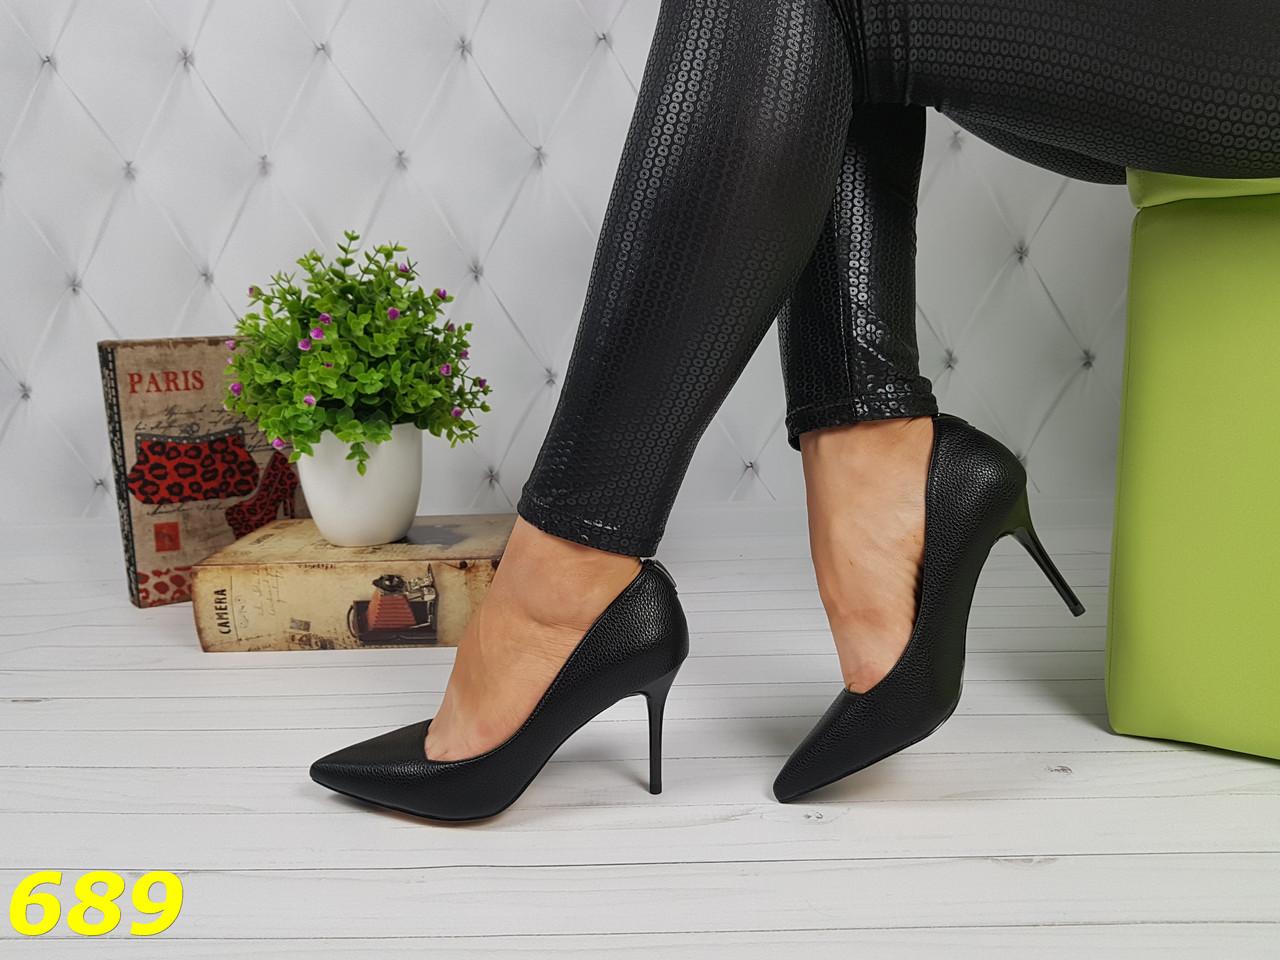 5c4df9019 23 см Туфли женские черные на шпильке, на невысоком каблуке, небольшом  каблуке, лодочки